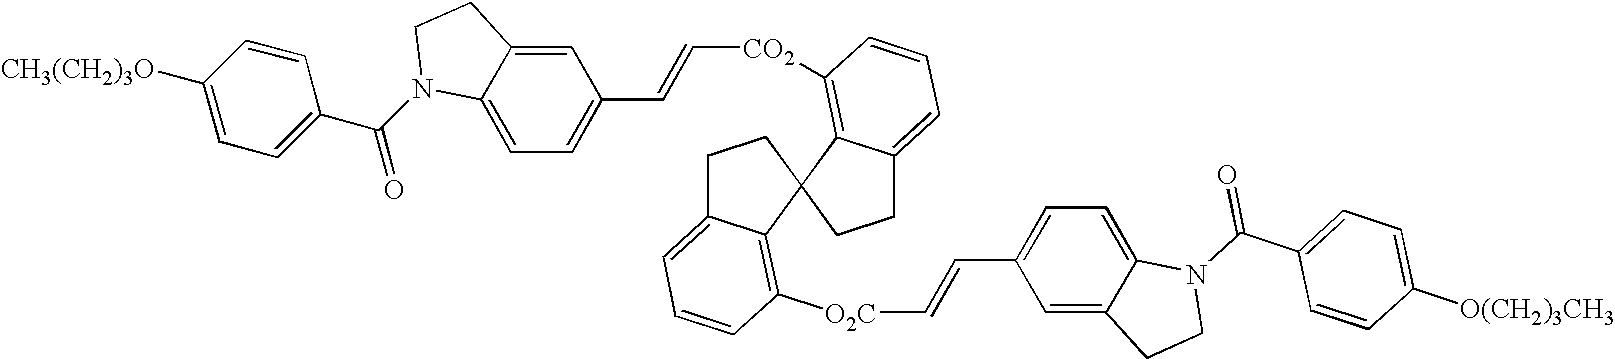 Figure US07470376-20081230-C00036